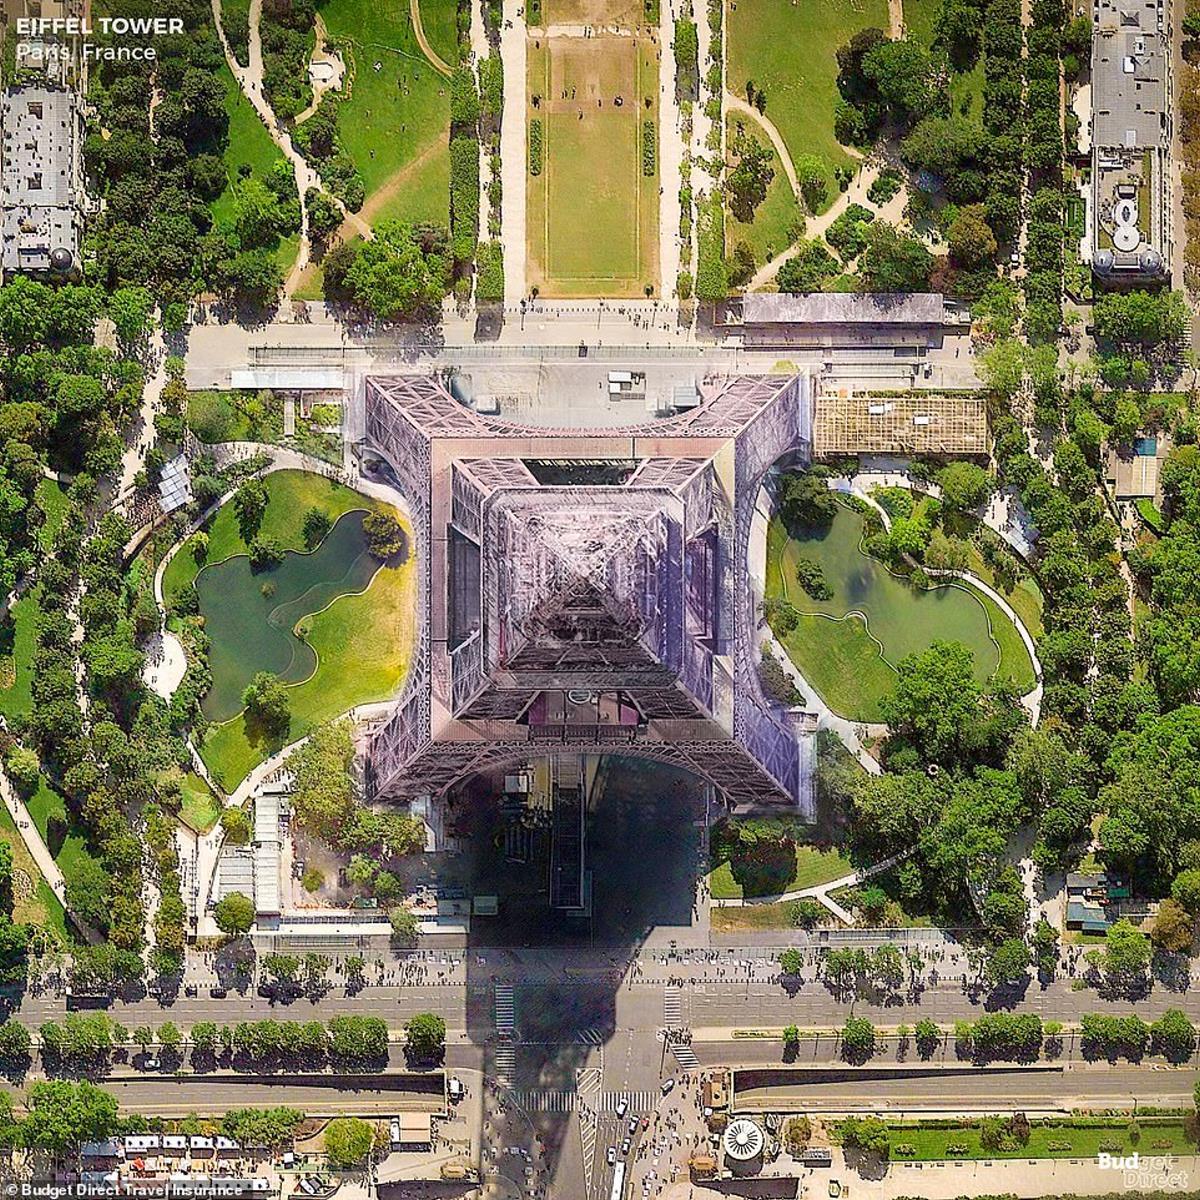 Ο Πύργος του Άιφελ από ψηλά, Παρίσι